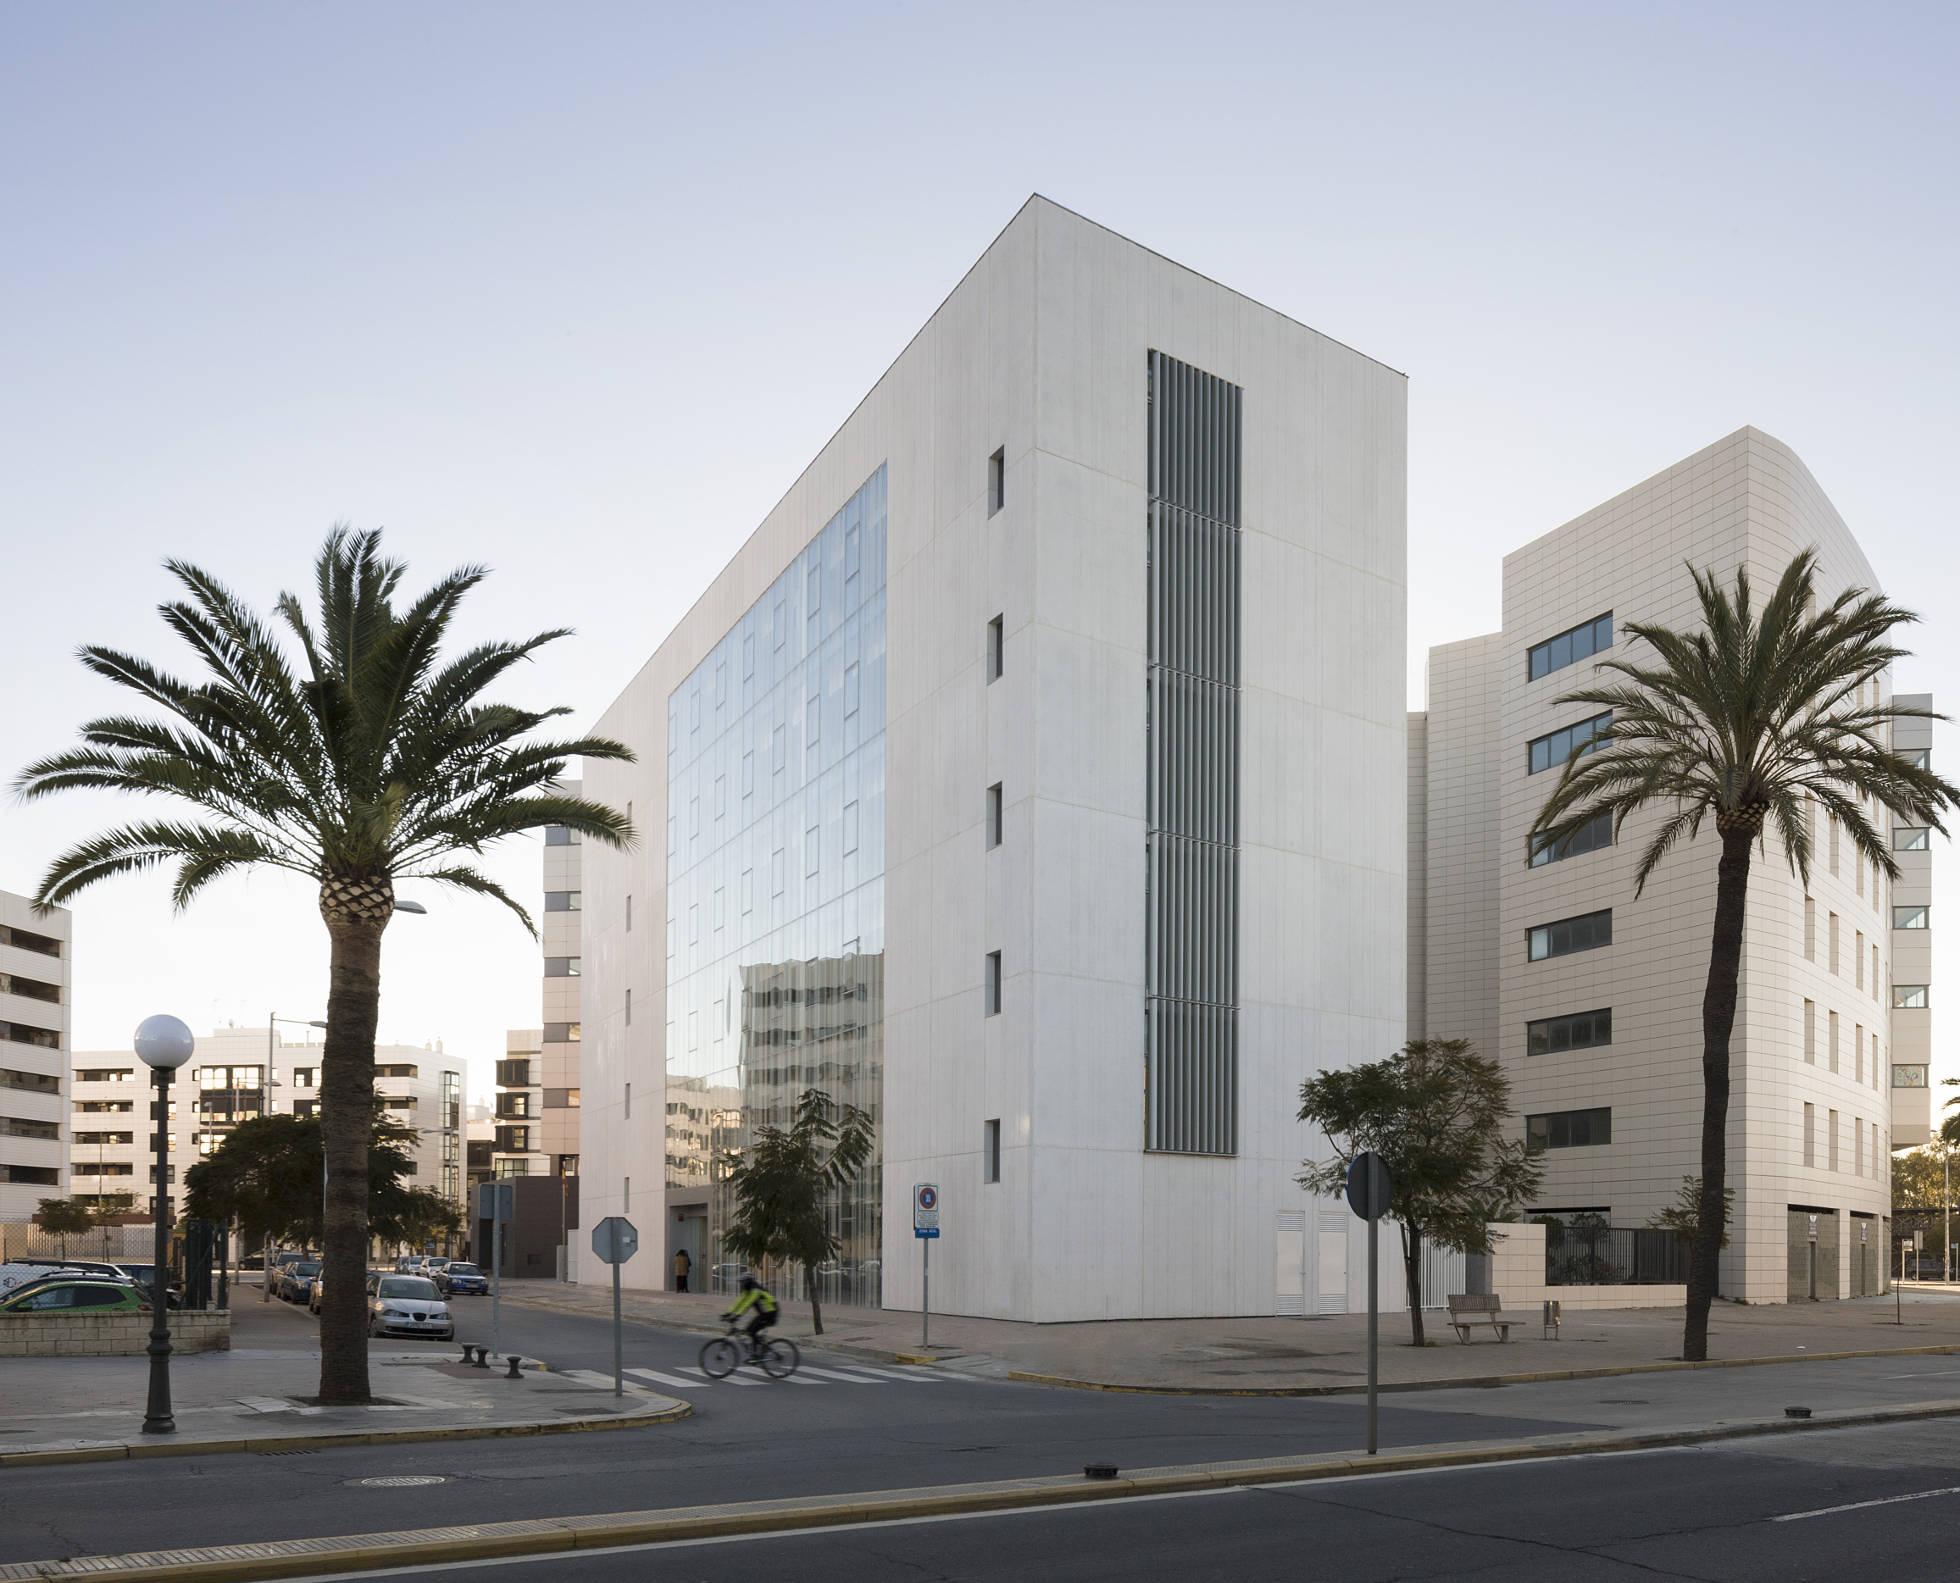 Sede del Servicio Público de Empleo Estatal en Huelva